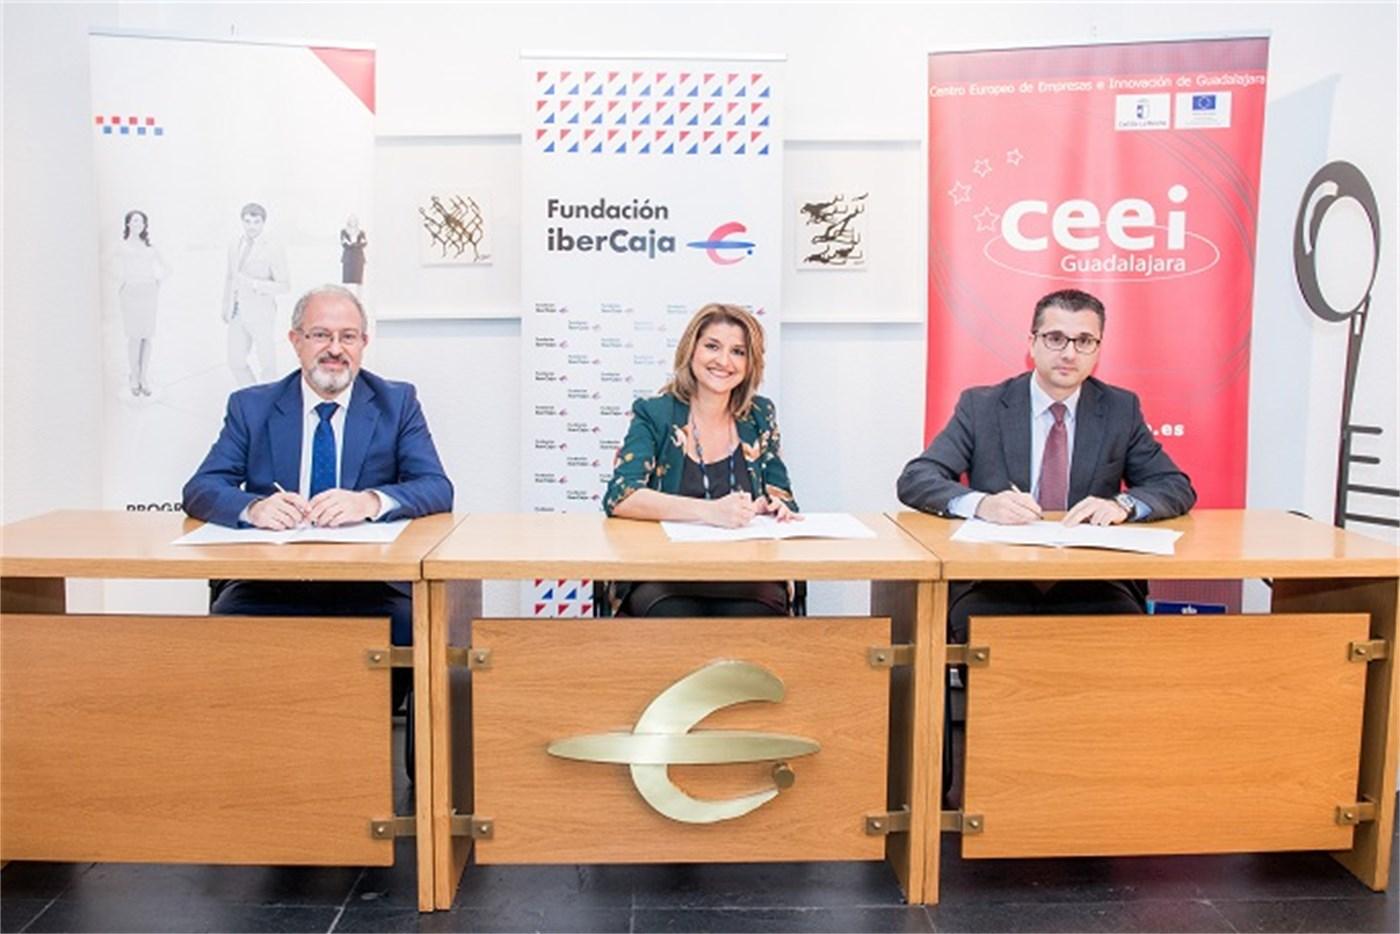 Nuevo compromiso entre Fundación Ibercaja y CEEI Guadalajara para apoyar la iniciativa emprendedora